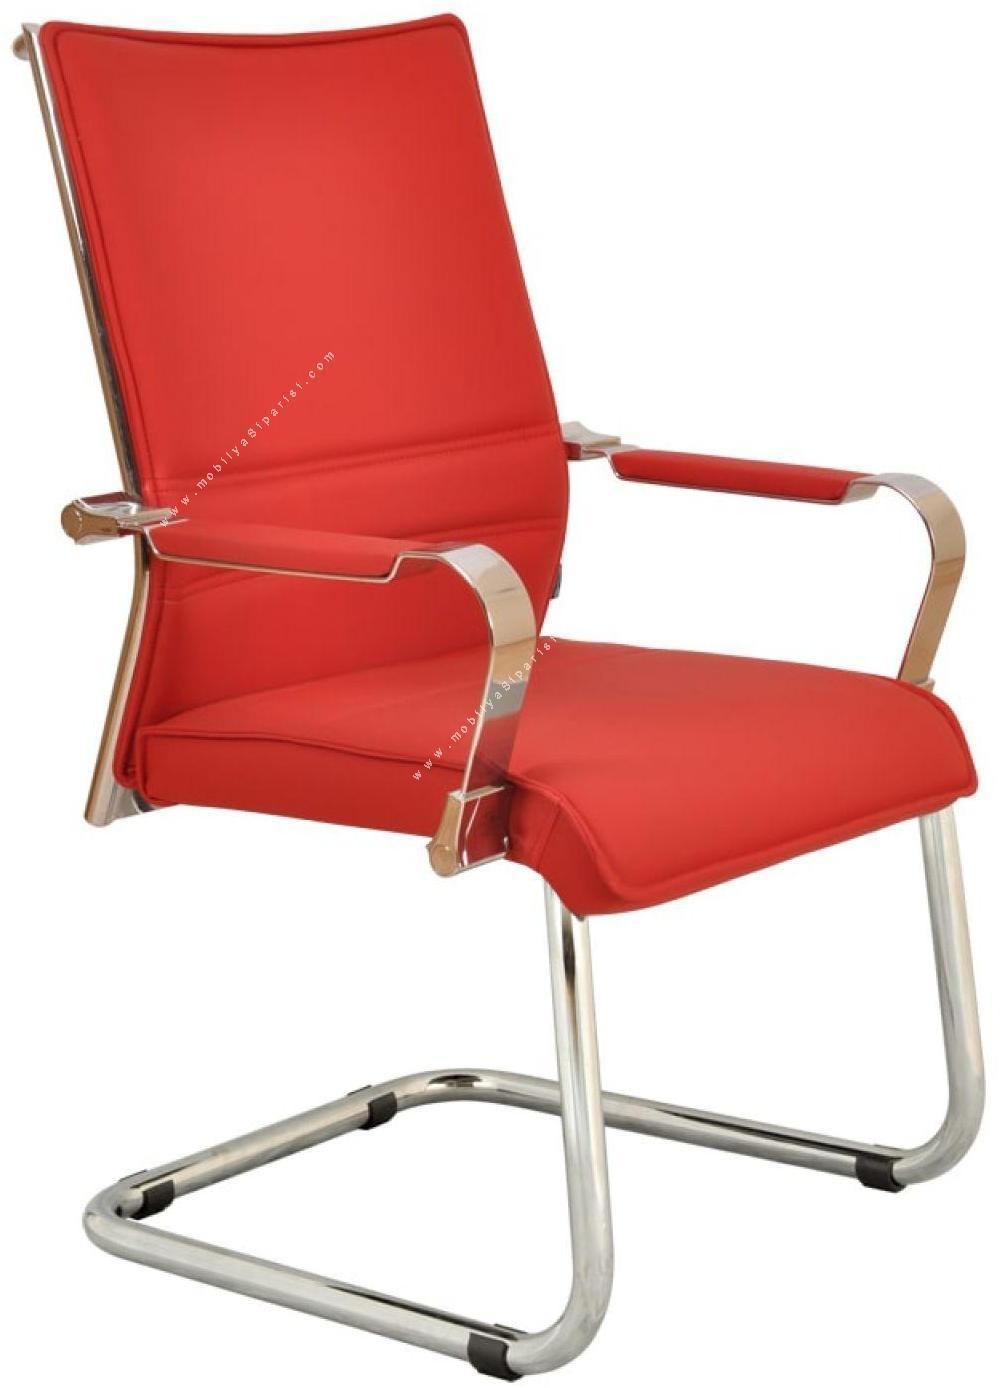 eva derili misafir koltuğu u ayak